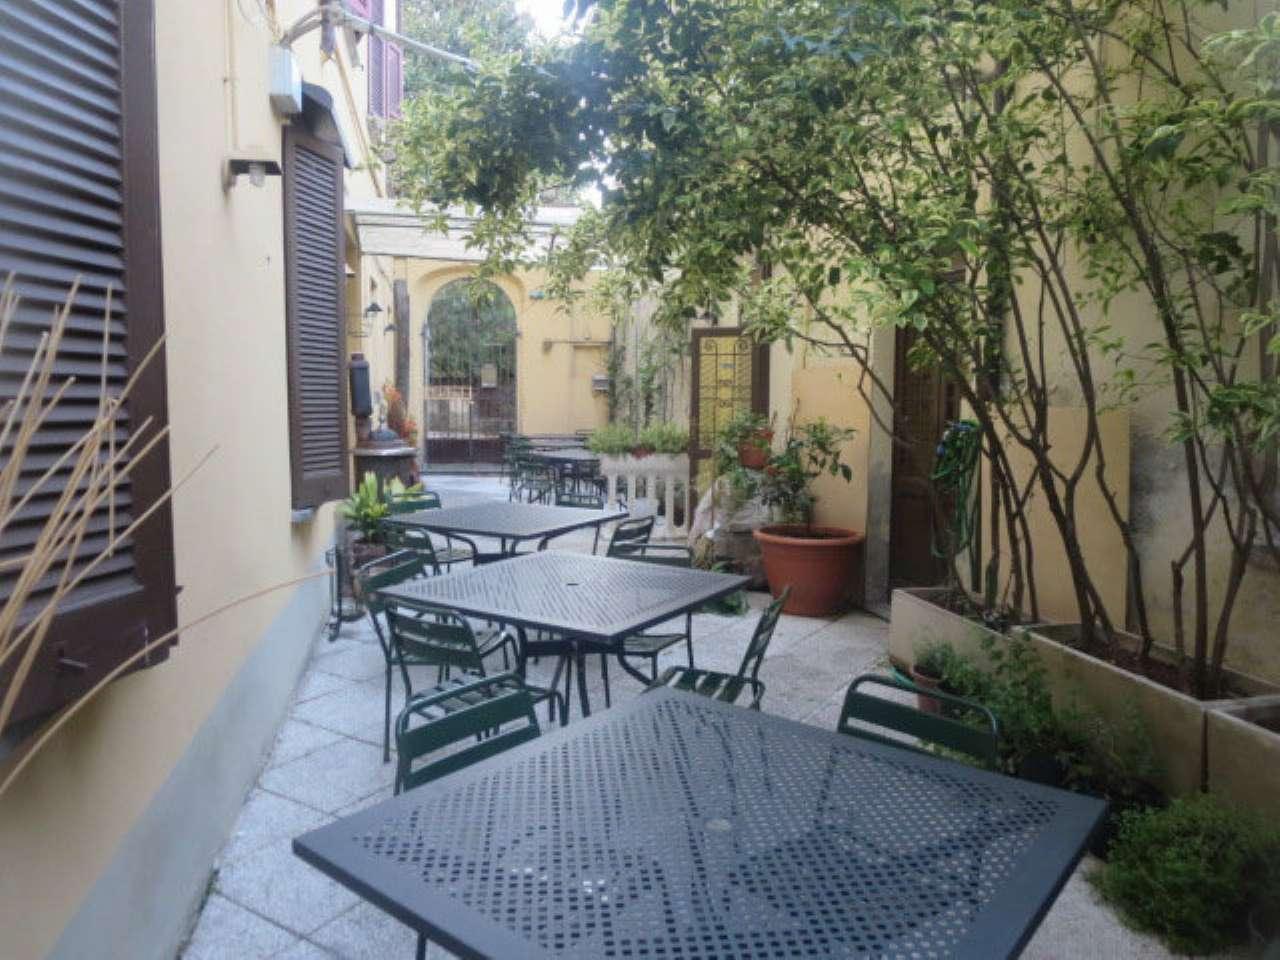 Negozio / Locale in vendita a Mandello del Lario, 2 locali, prezzo € 269.000 | CambioCasa.it